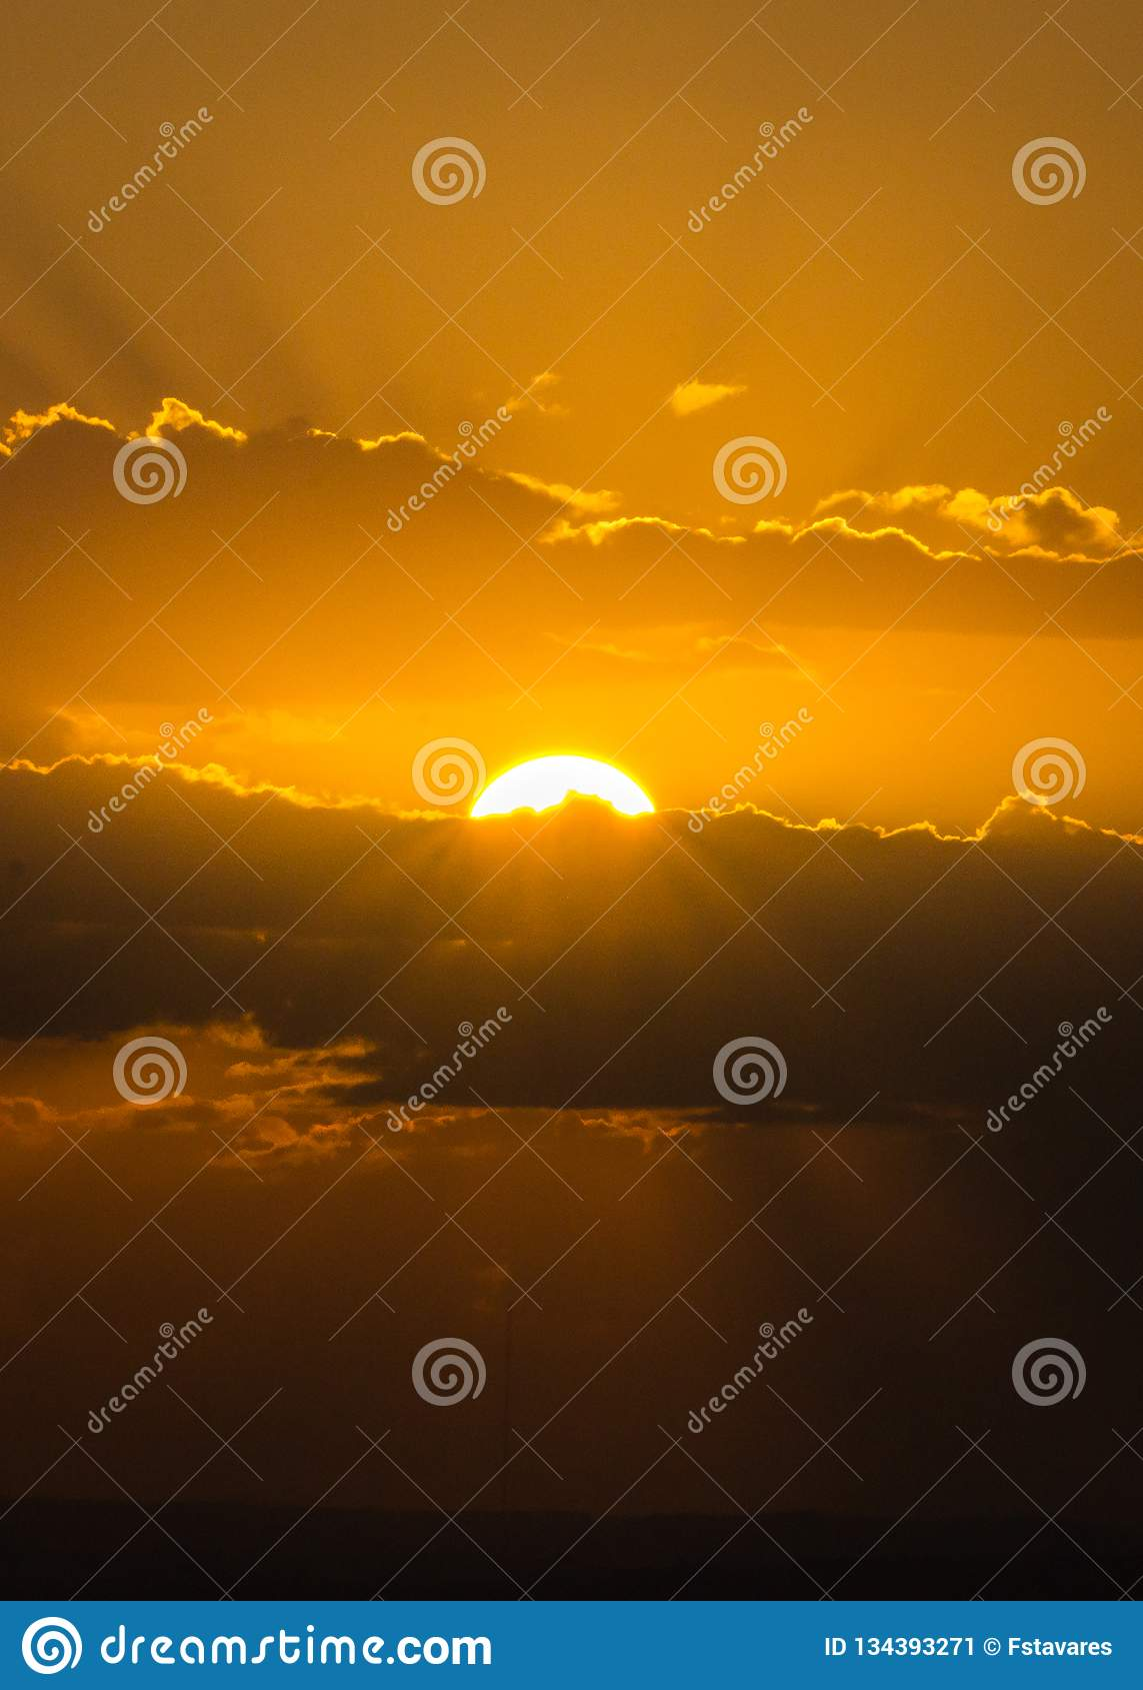 日落小时在阿雷格里港,南里奥格兰德州,巴西